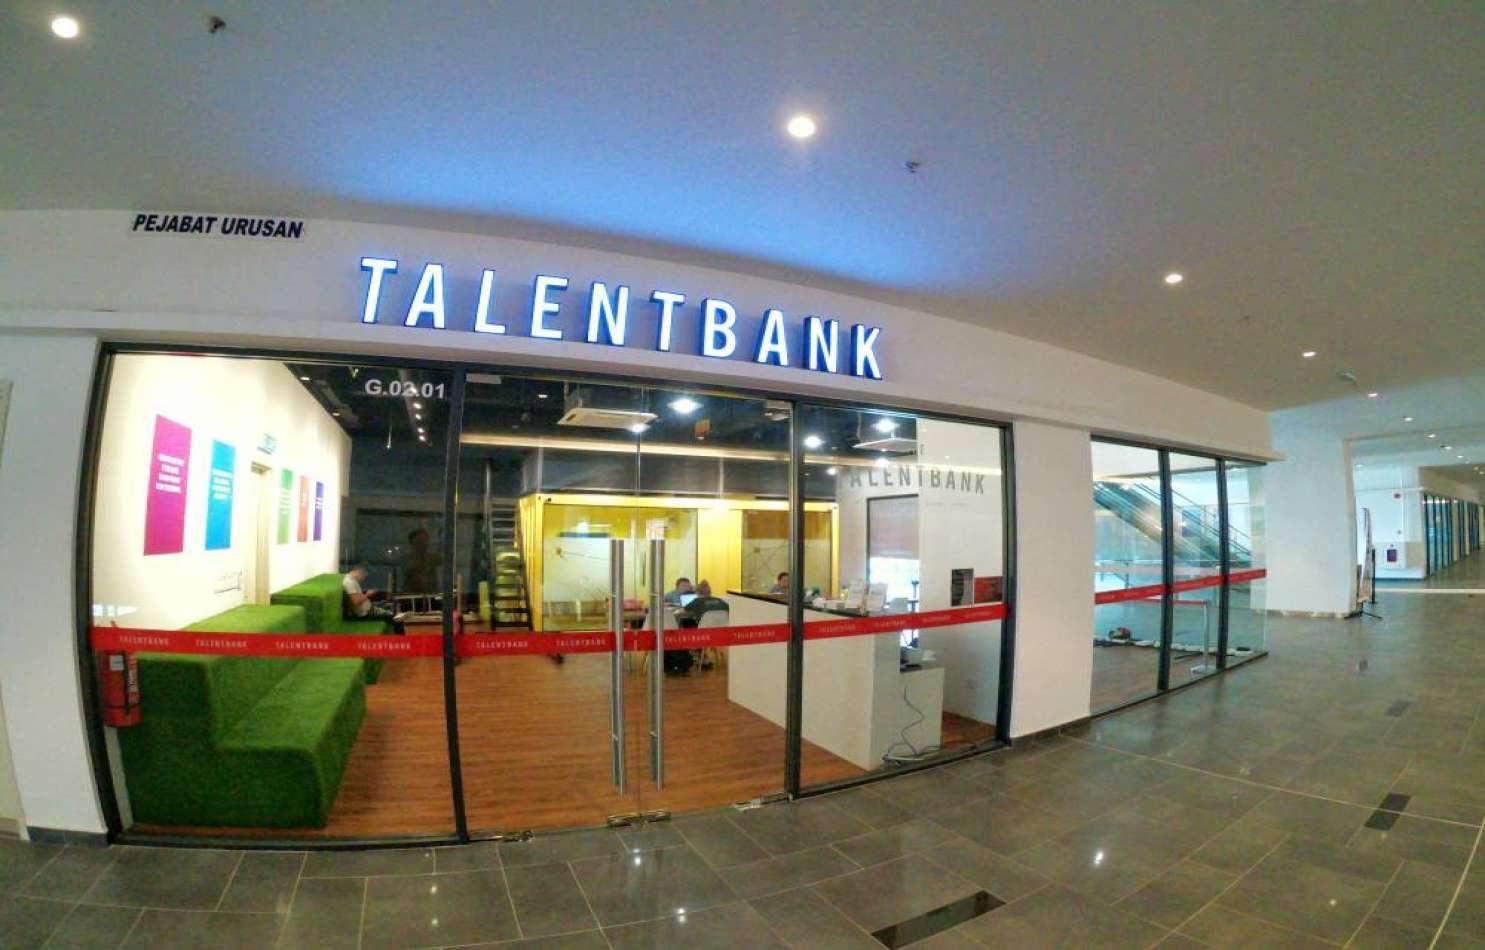 Talentbank15314749935b487431b609f9.47040470.jpg